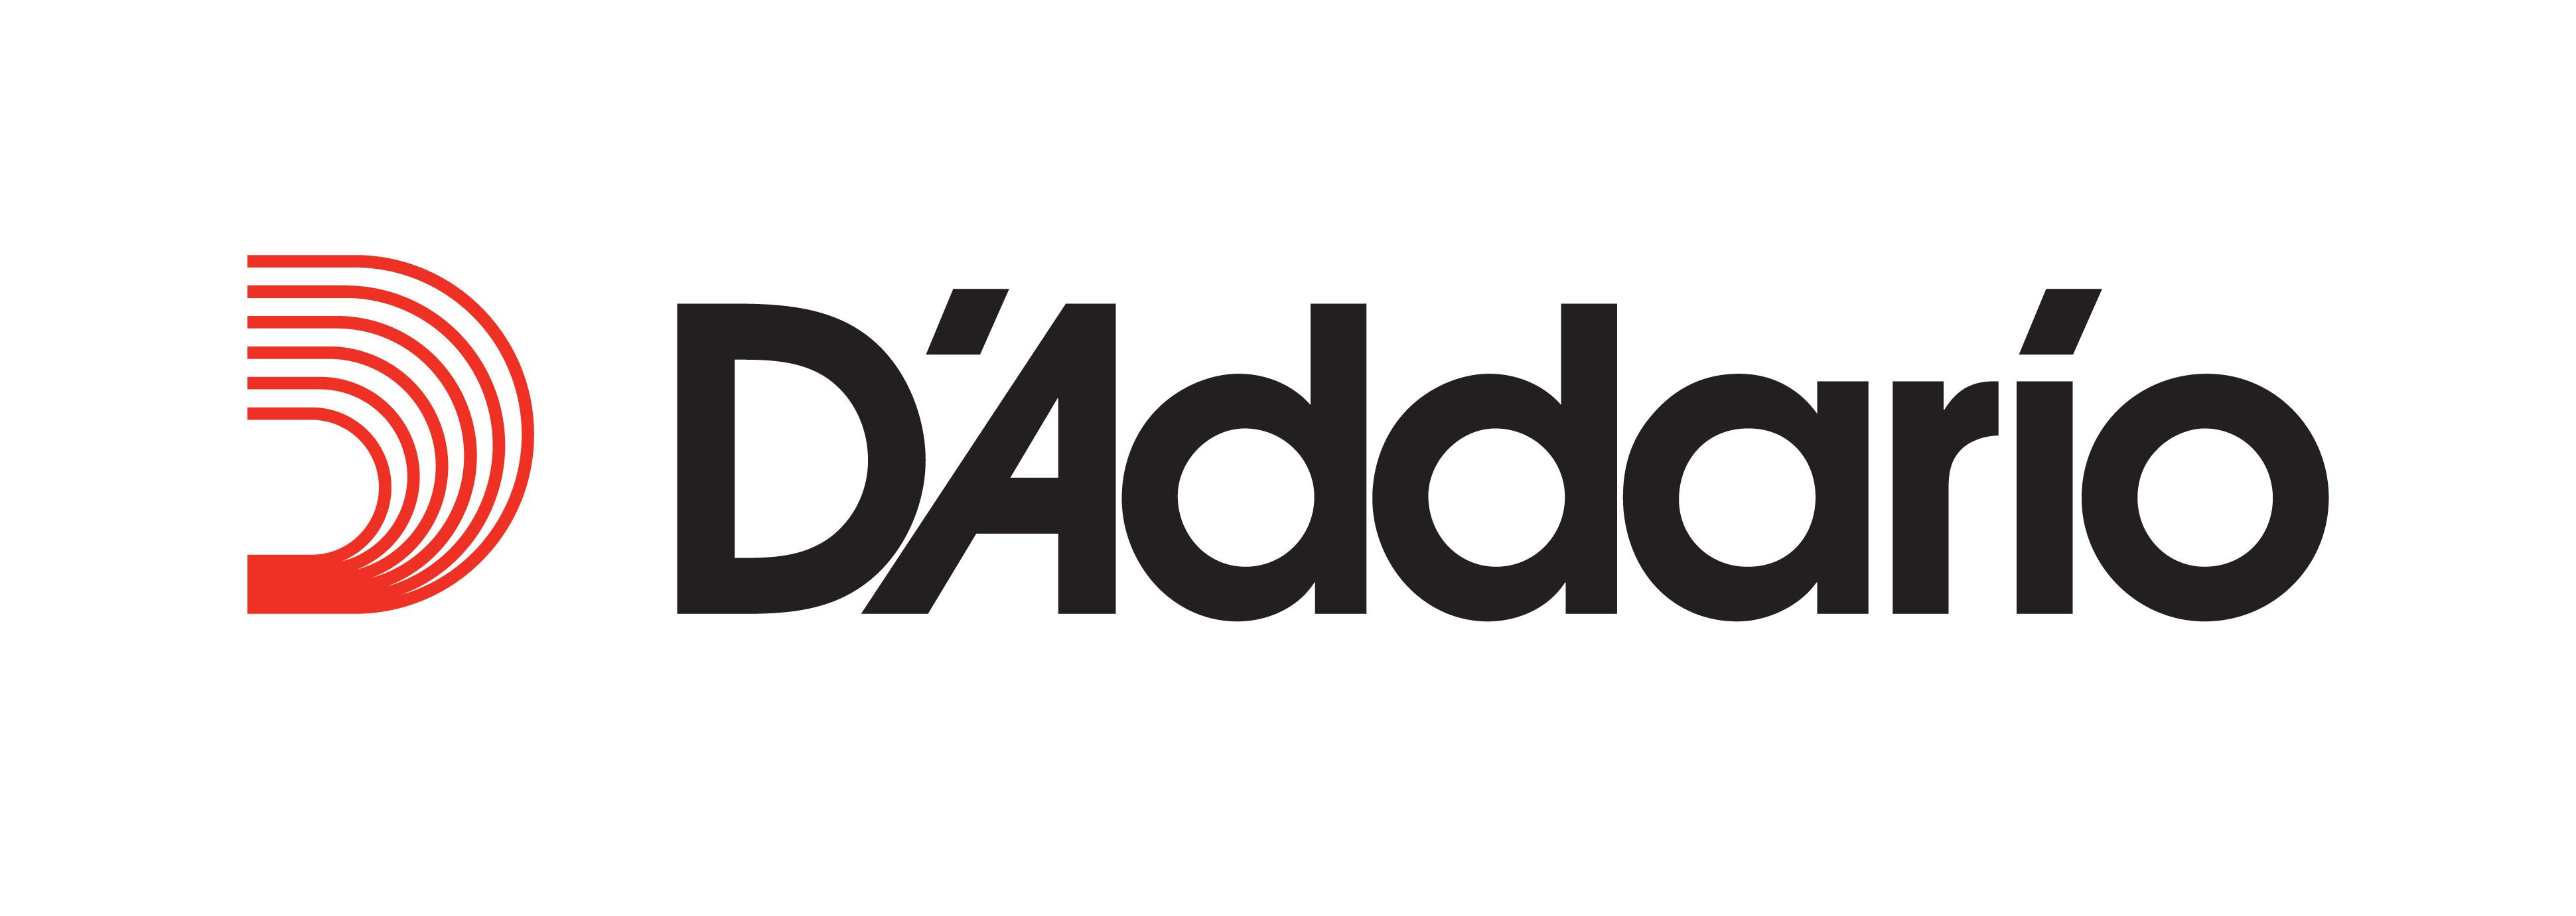 Daddario_Logo_black